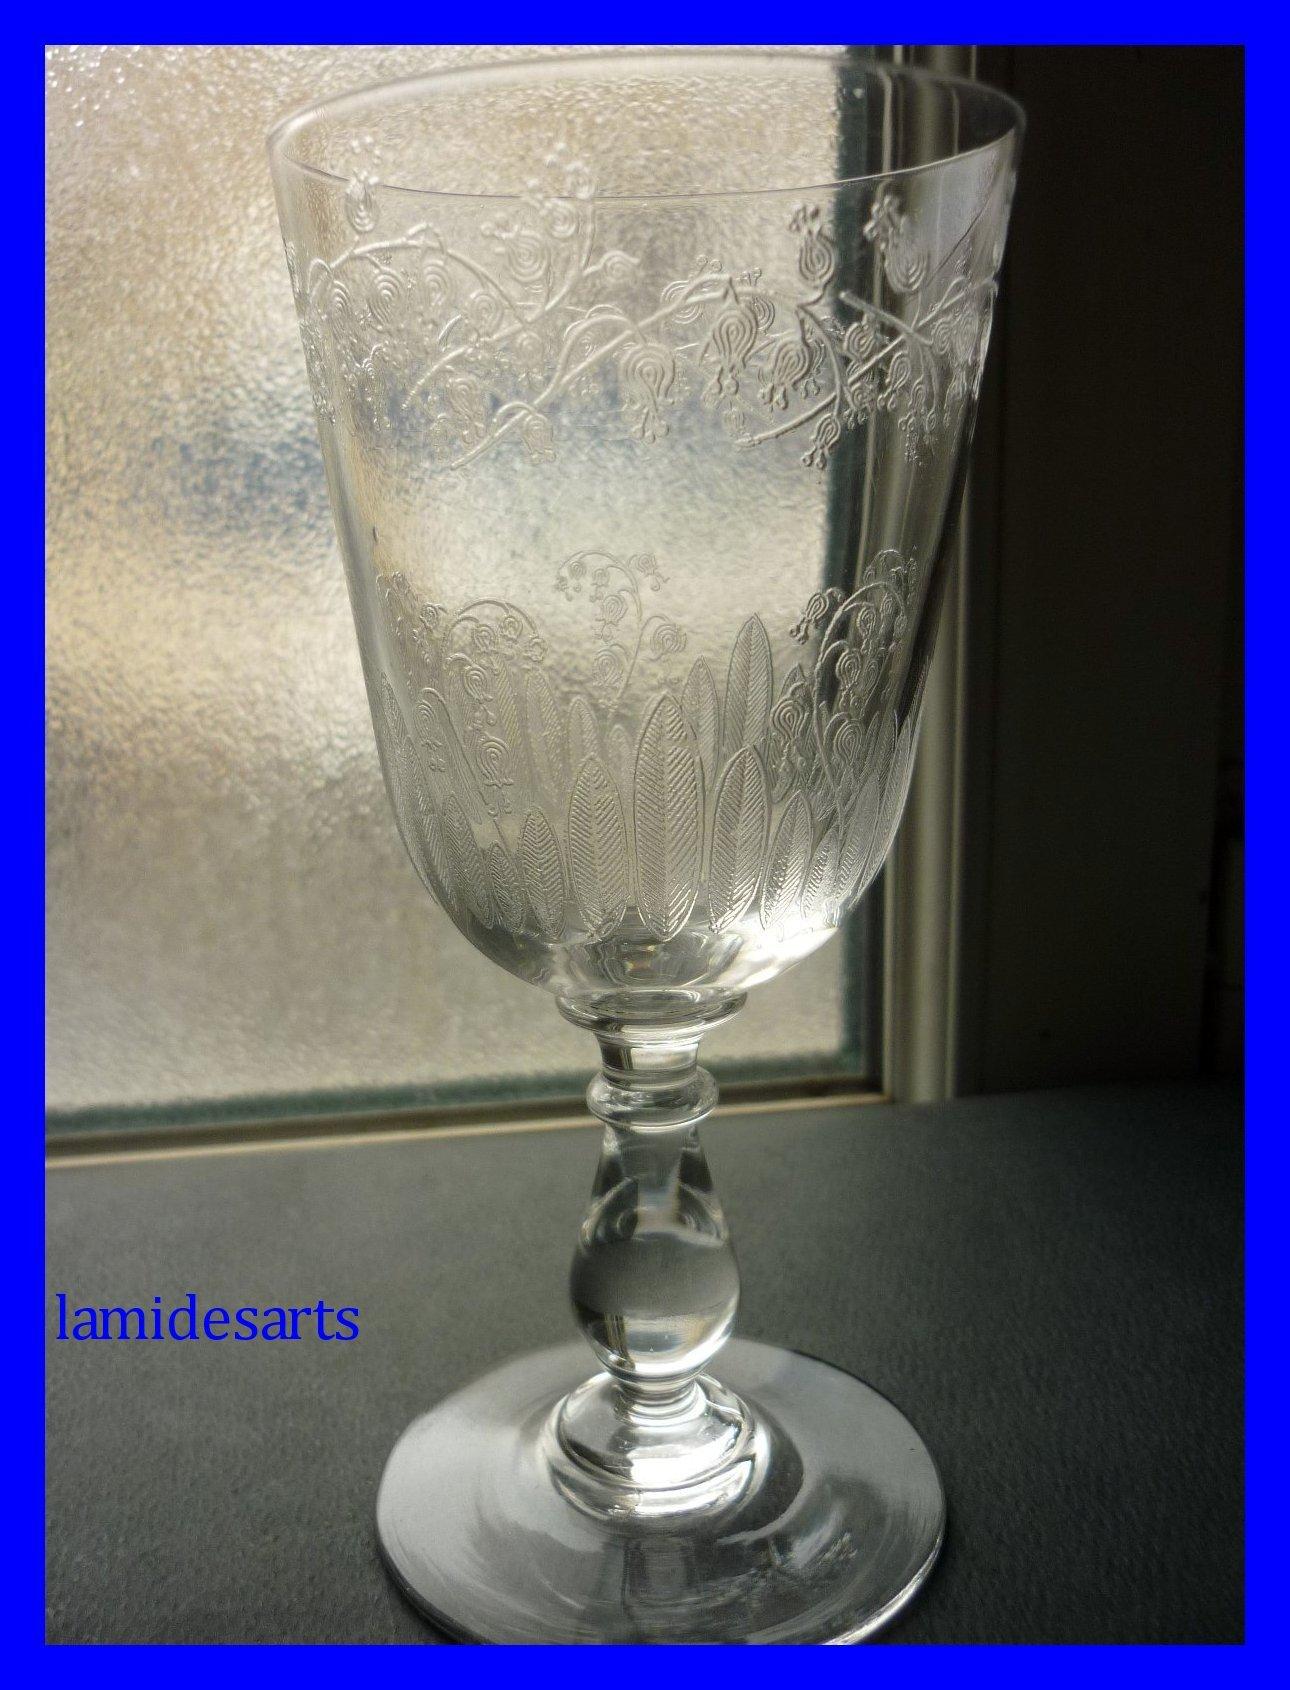 Gravures Sur Verre dedans verre a eau cristal baccarat gravure muguet 1880 - 1900 stock: 0